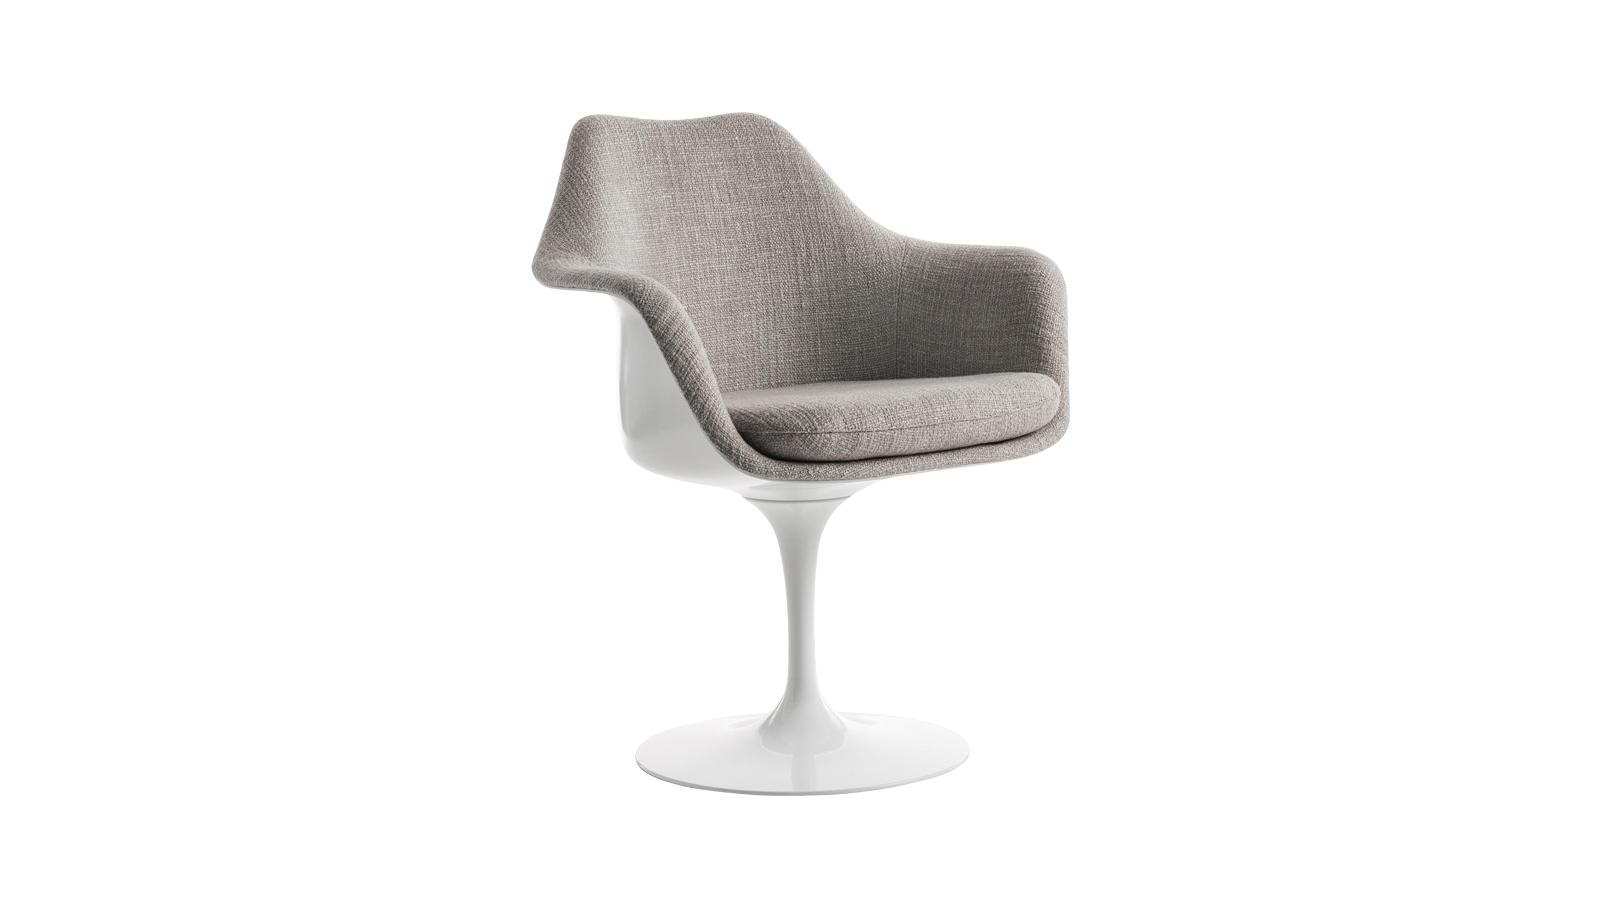 A világhírű tervező, Eero Saarinen előtt nem létezett játékosság a bútorgyártásban. Ő viszont úgy döntött, az üveggyapothoz és a természethez nyúl, hogy új, ergonomikus, könnyed és kényelmes székeket alkosson, melyek korát, az űrkorszakot is megörökítik. Így született meg a tulipánformájú étkezőszék, mely azóta megannyi fényképen, filmművészeti alkotásban és otthonban szerepel. Így vonult be a modern design a hétköznapjainkba. A futurisztikus székeket több színváltozatban is elérheti a CODE Showroom kínálatában!